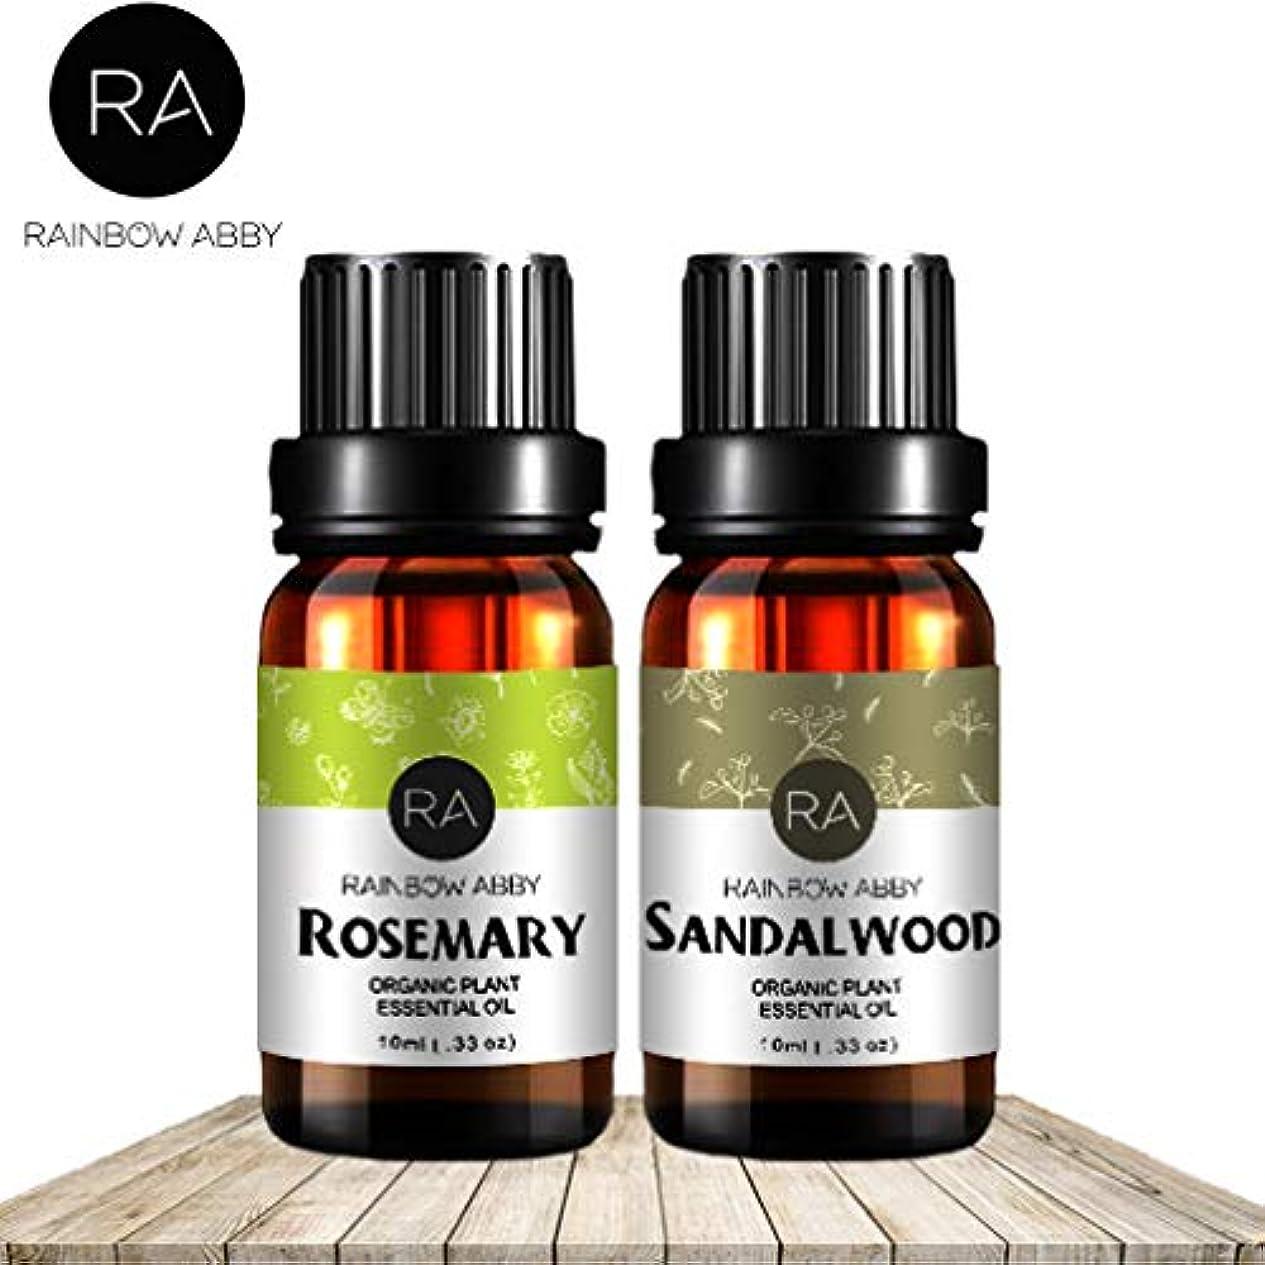 有毒なオプションほとんどないRAINBOW ABBY サンダルウッド ローズマリー エッセンシャル オイル セット アロマ 100% 純粋 セラピー 等級油 2/10ml- 2パック